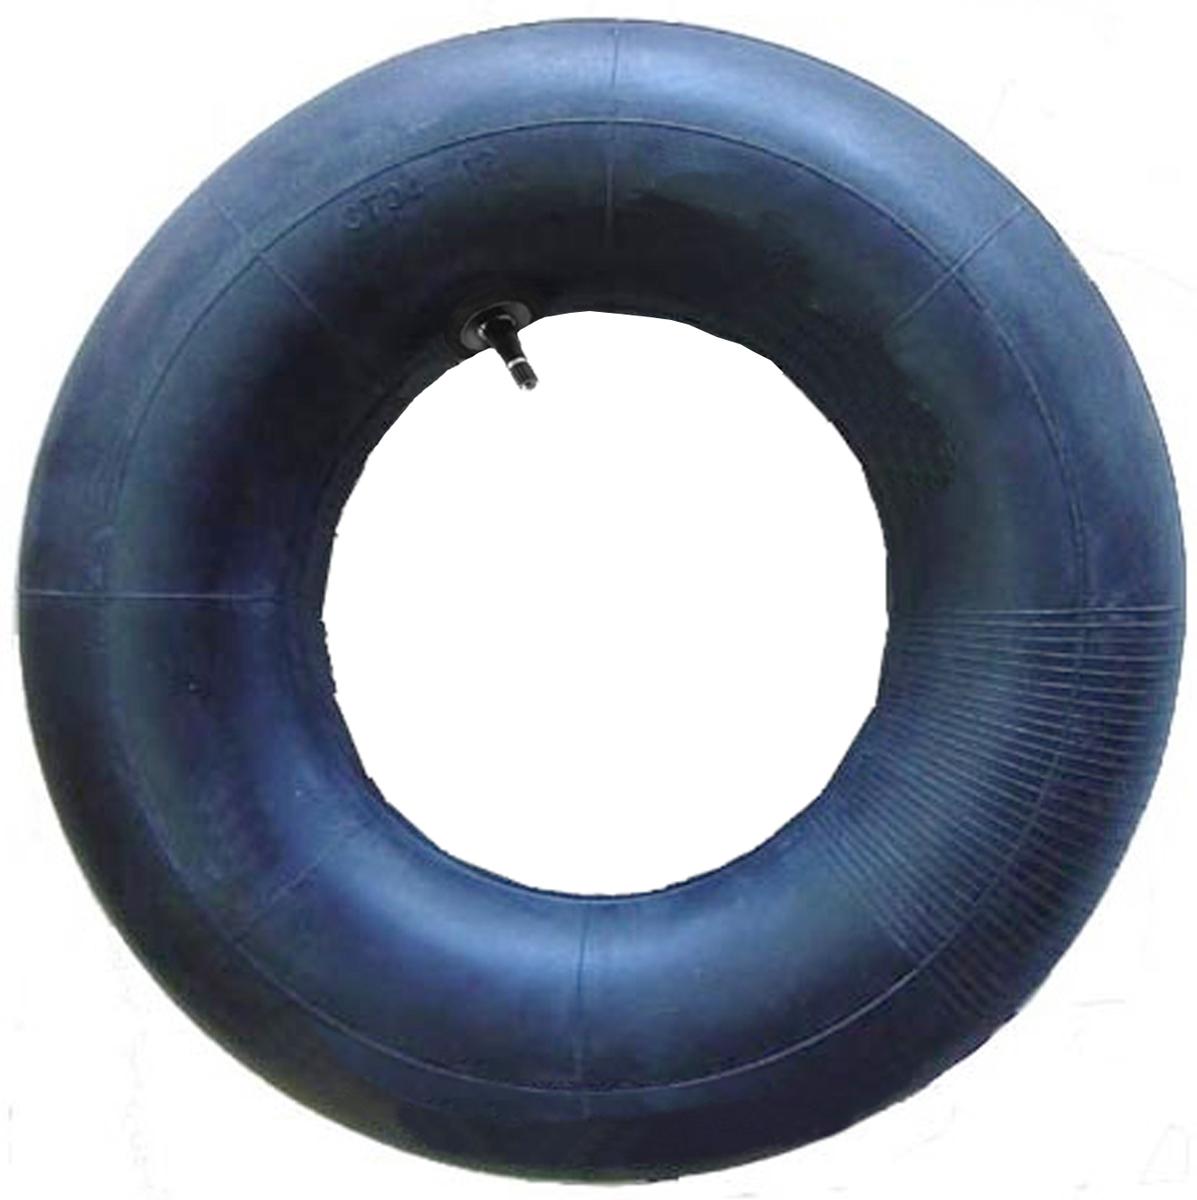 tire inner tube 480 x 400 x 12 straight stem